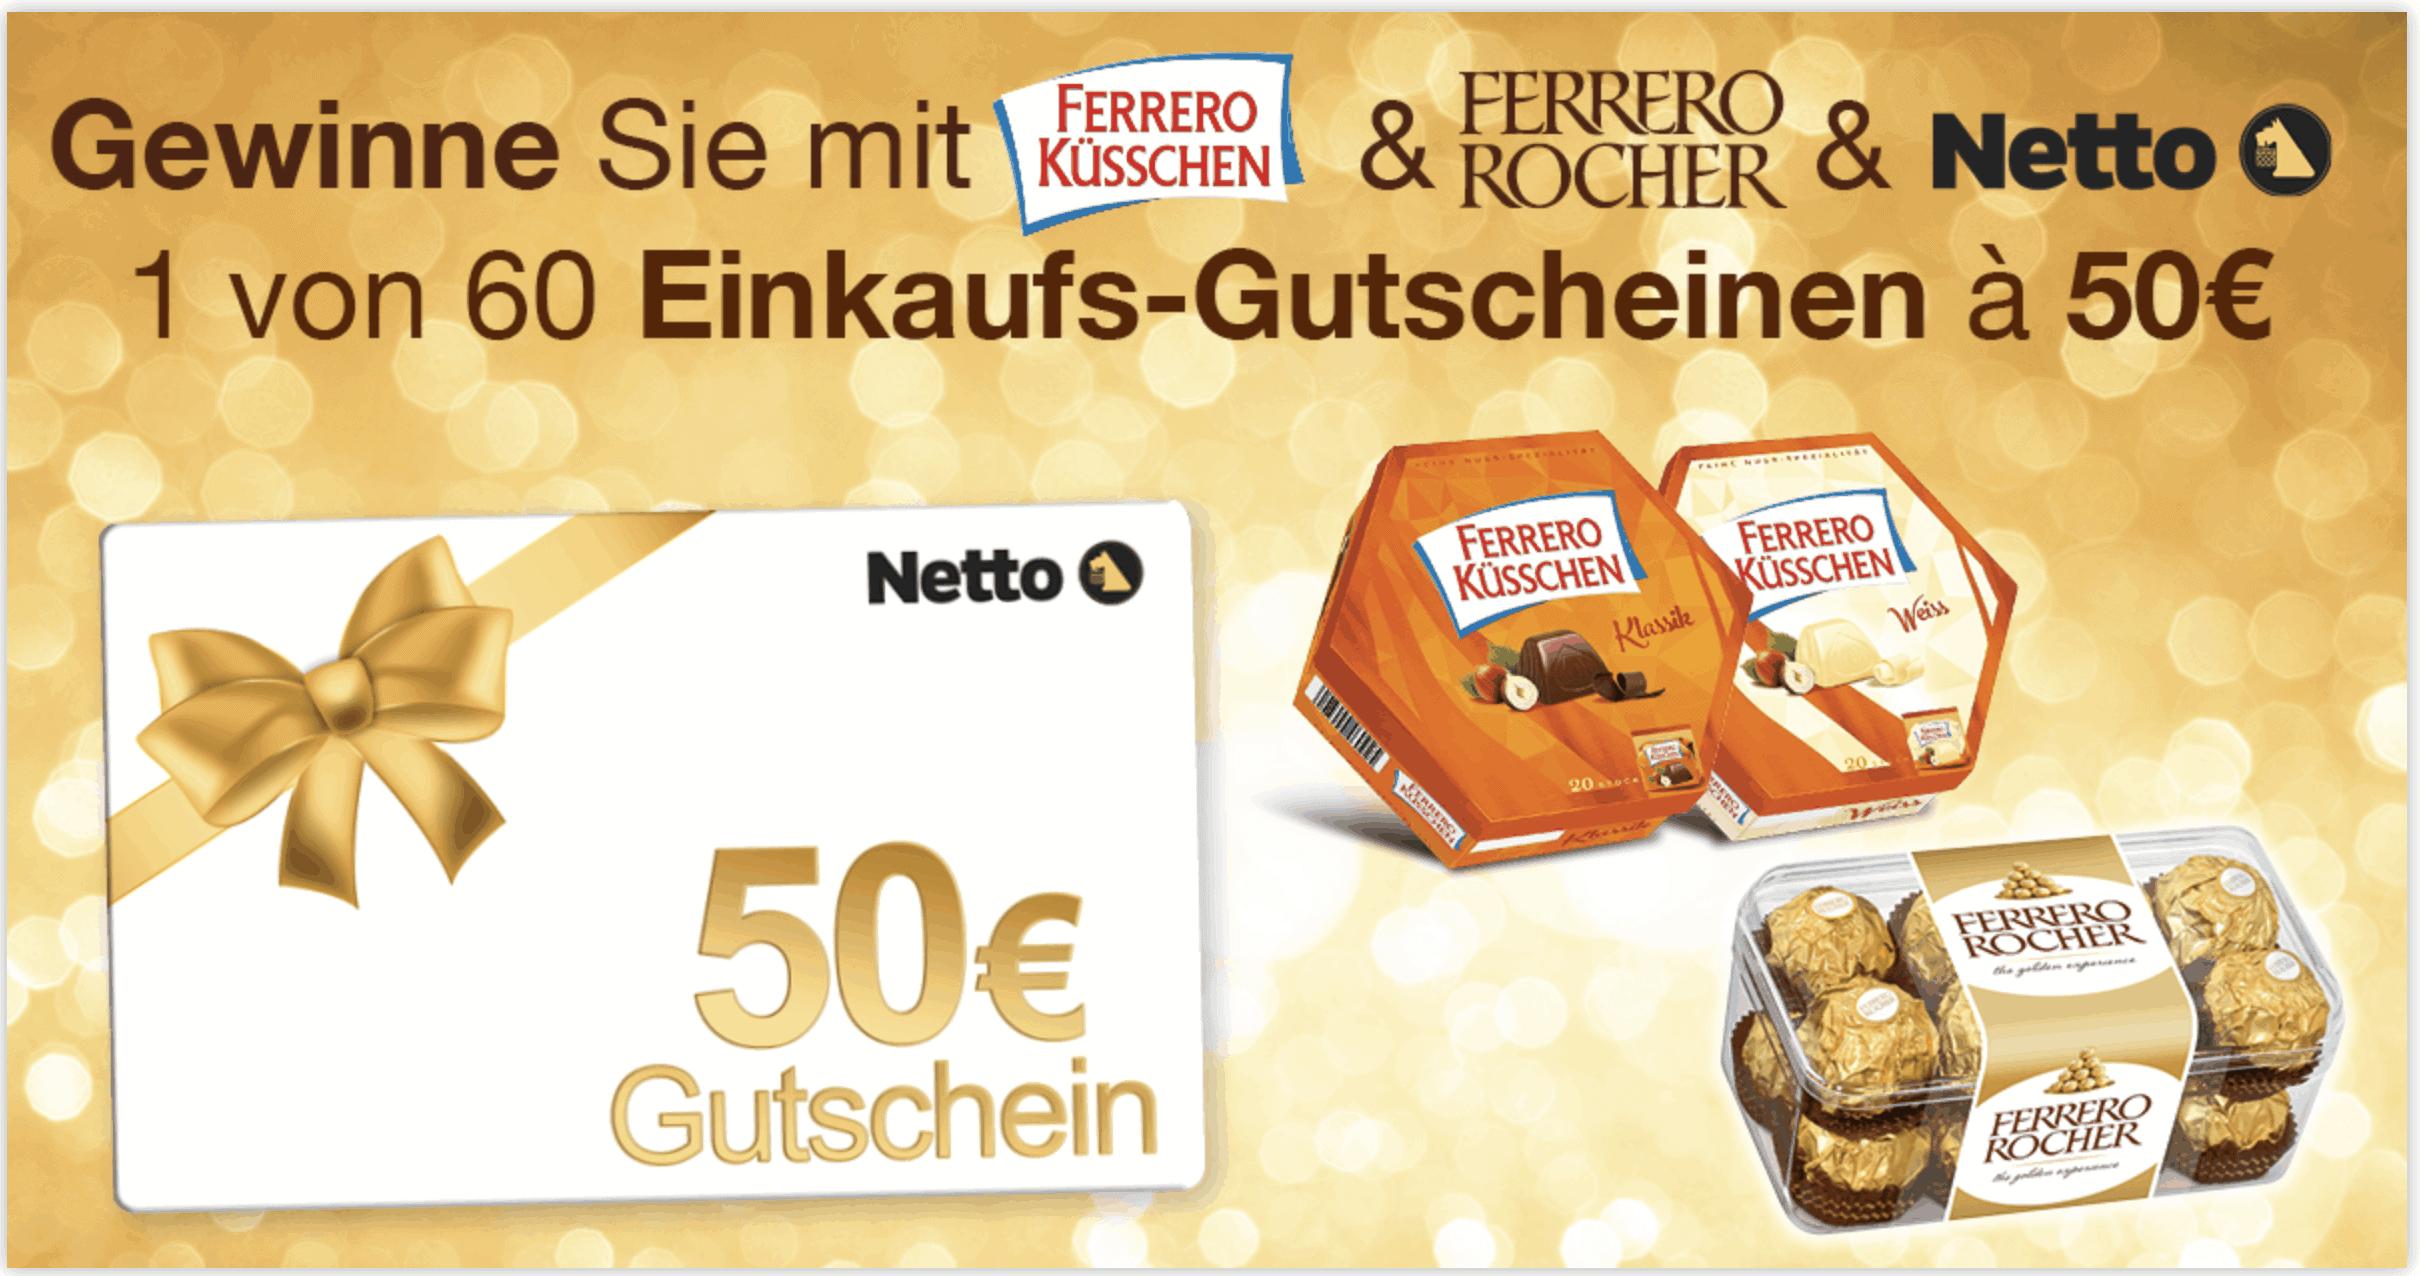 Gewinnspiel- Cases FMCG Süßwaren & Snacks Ferrero Küsschen